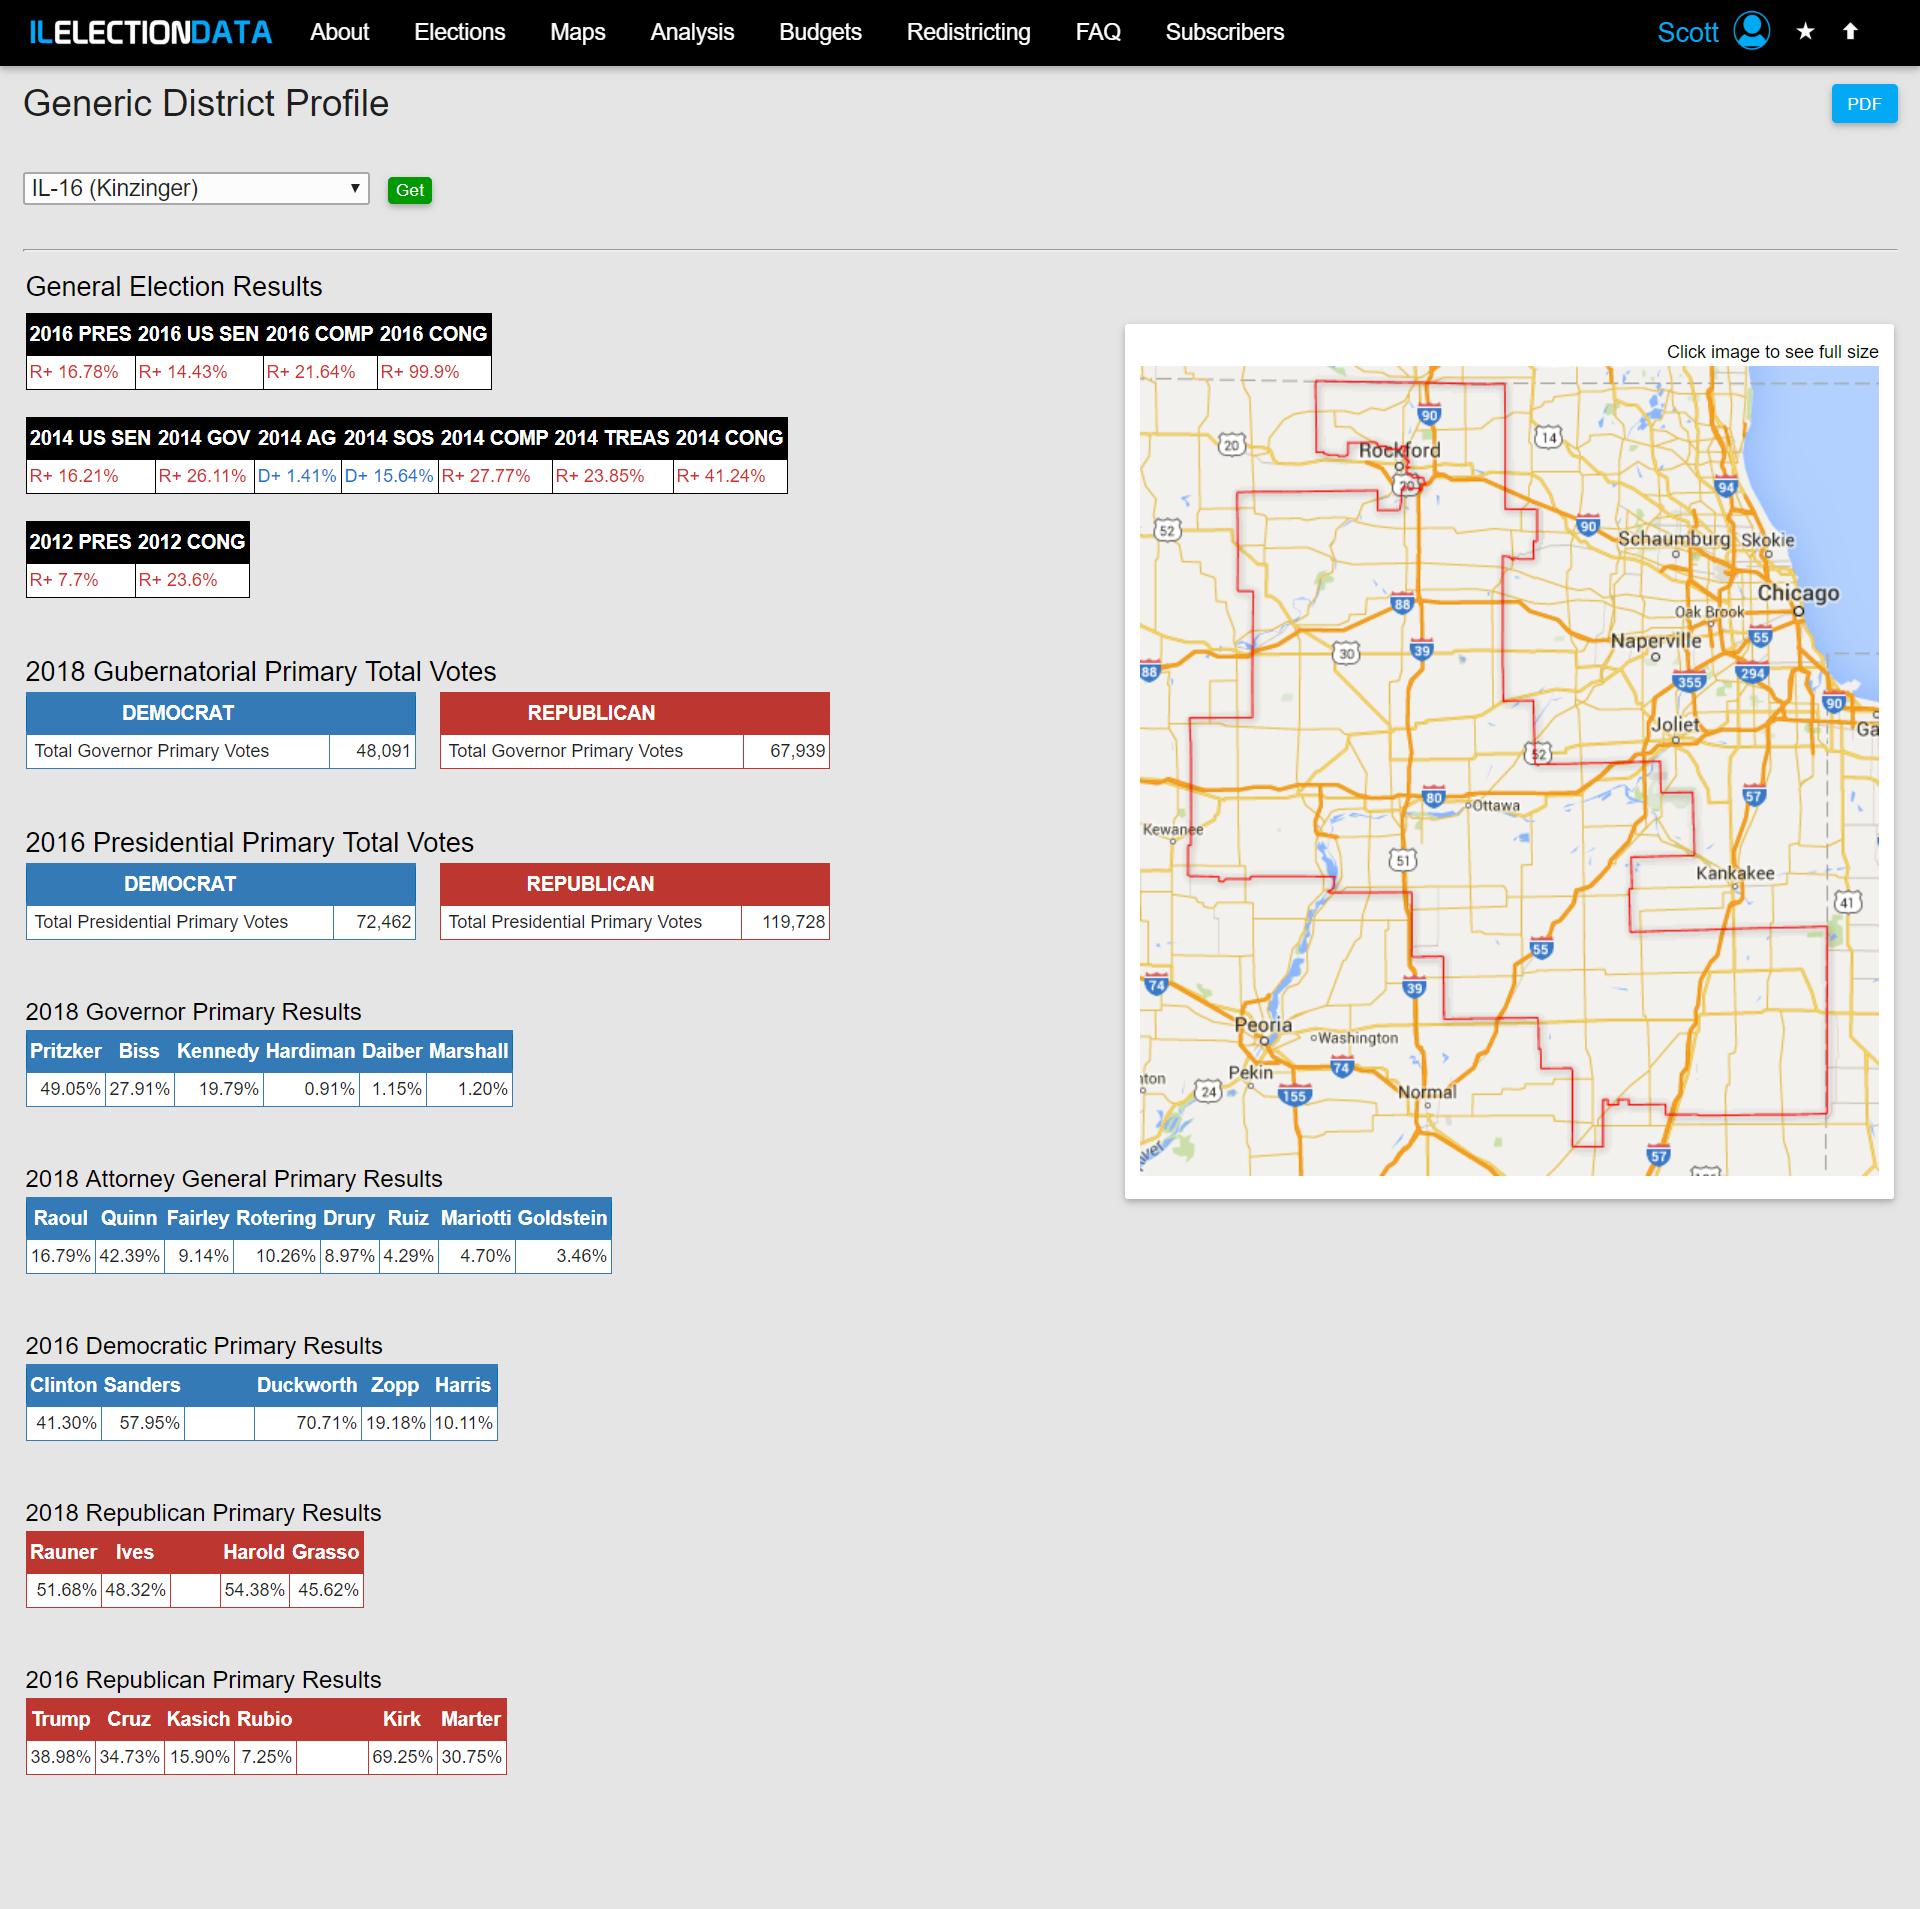 illinois election data rh illinoiselectiondata com